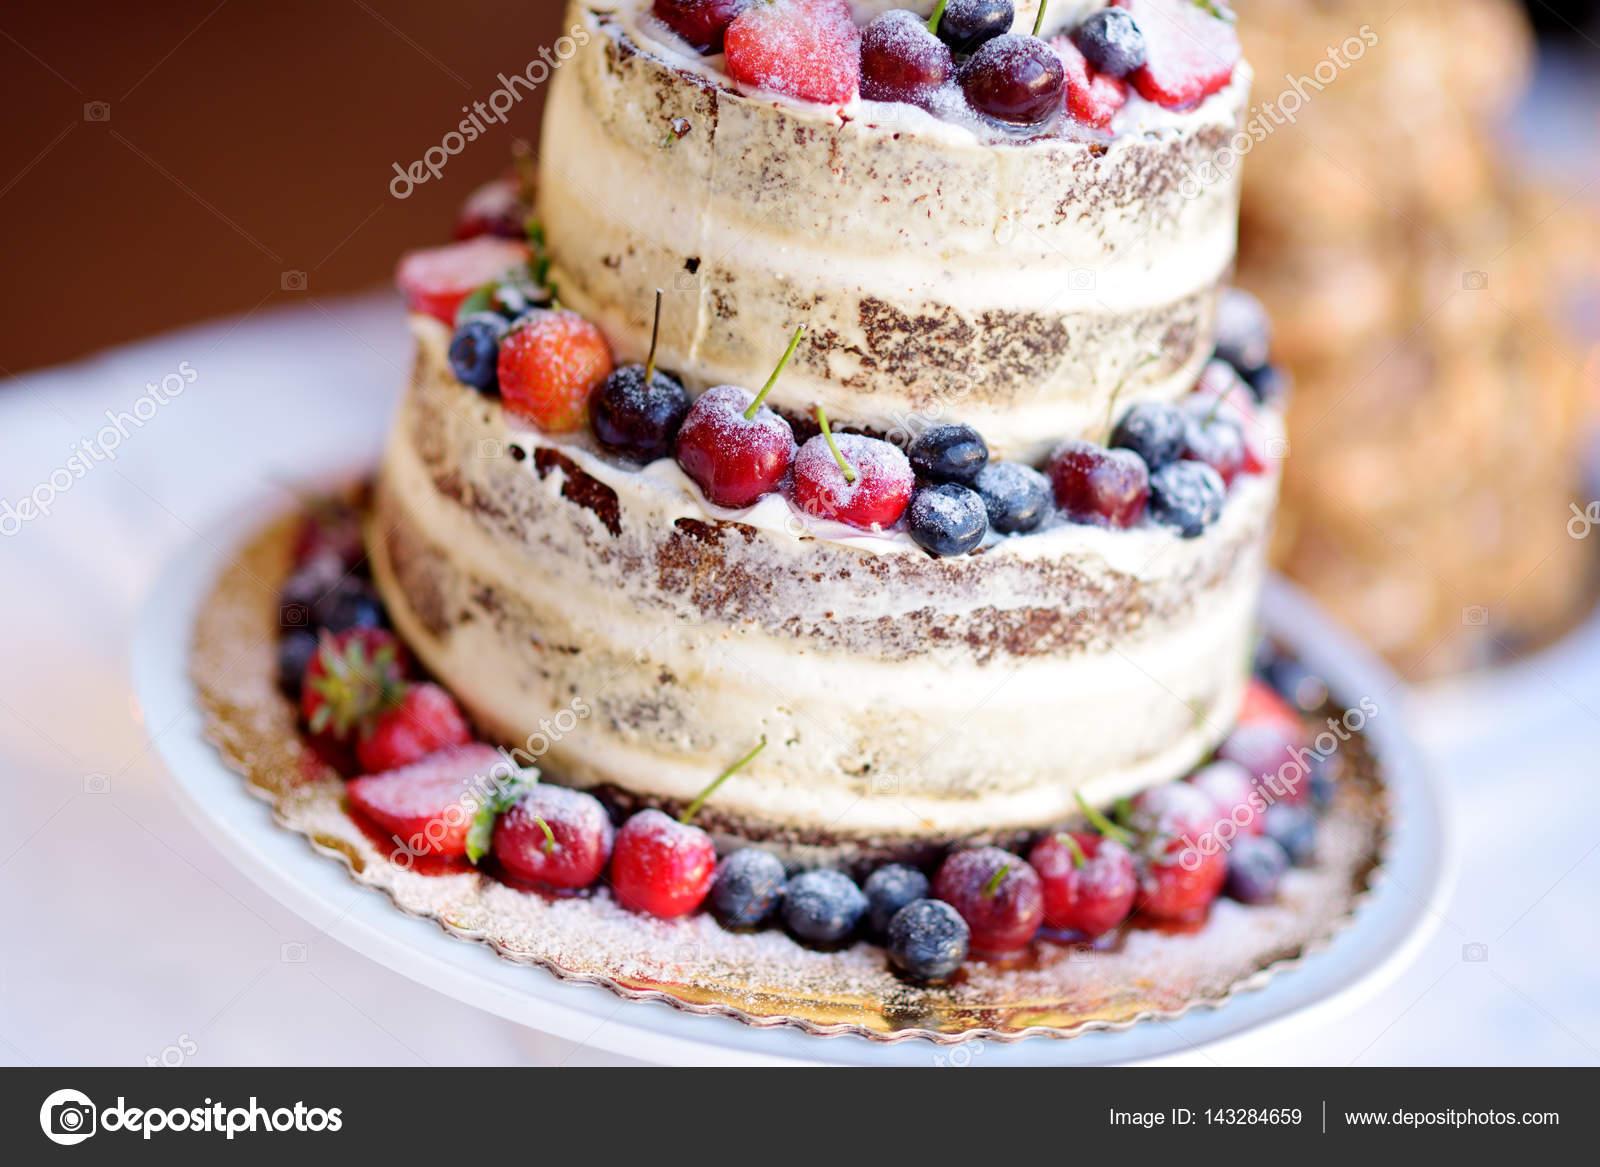 Kostliche Schokolade Hochzeitstorte Stockfoto C Maximkabb 143284659